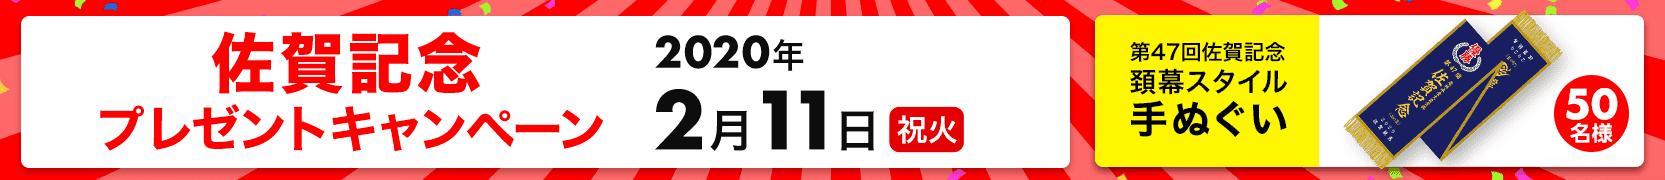 2020 佐賀 記念